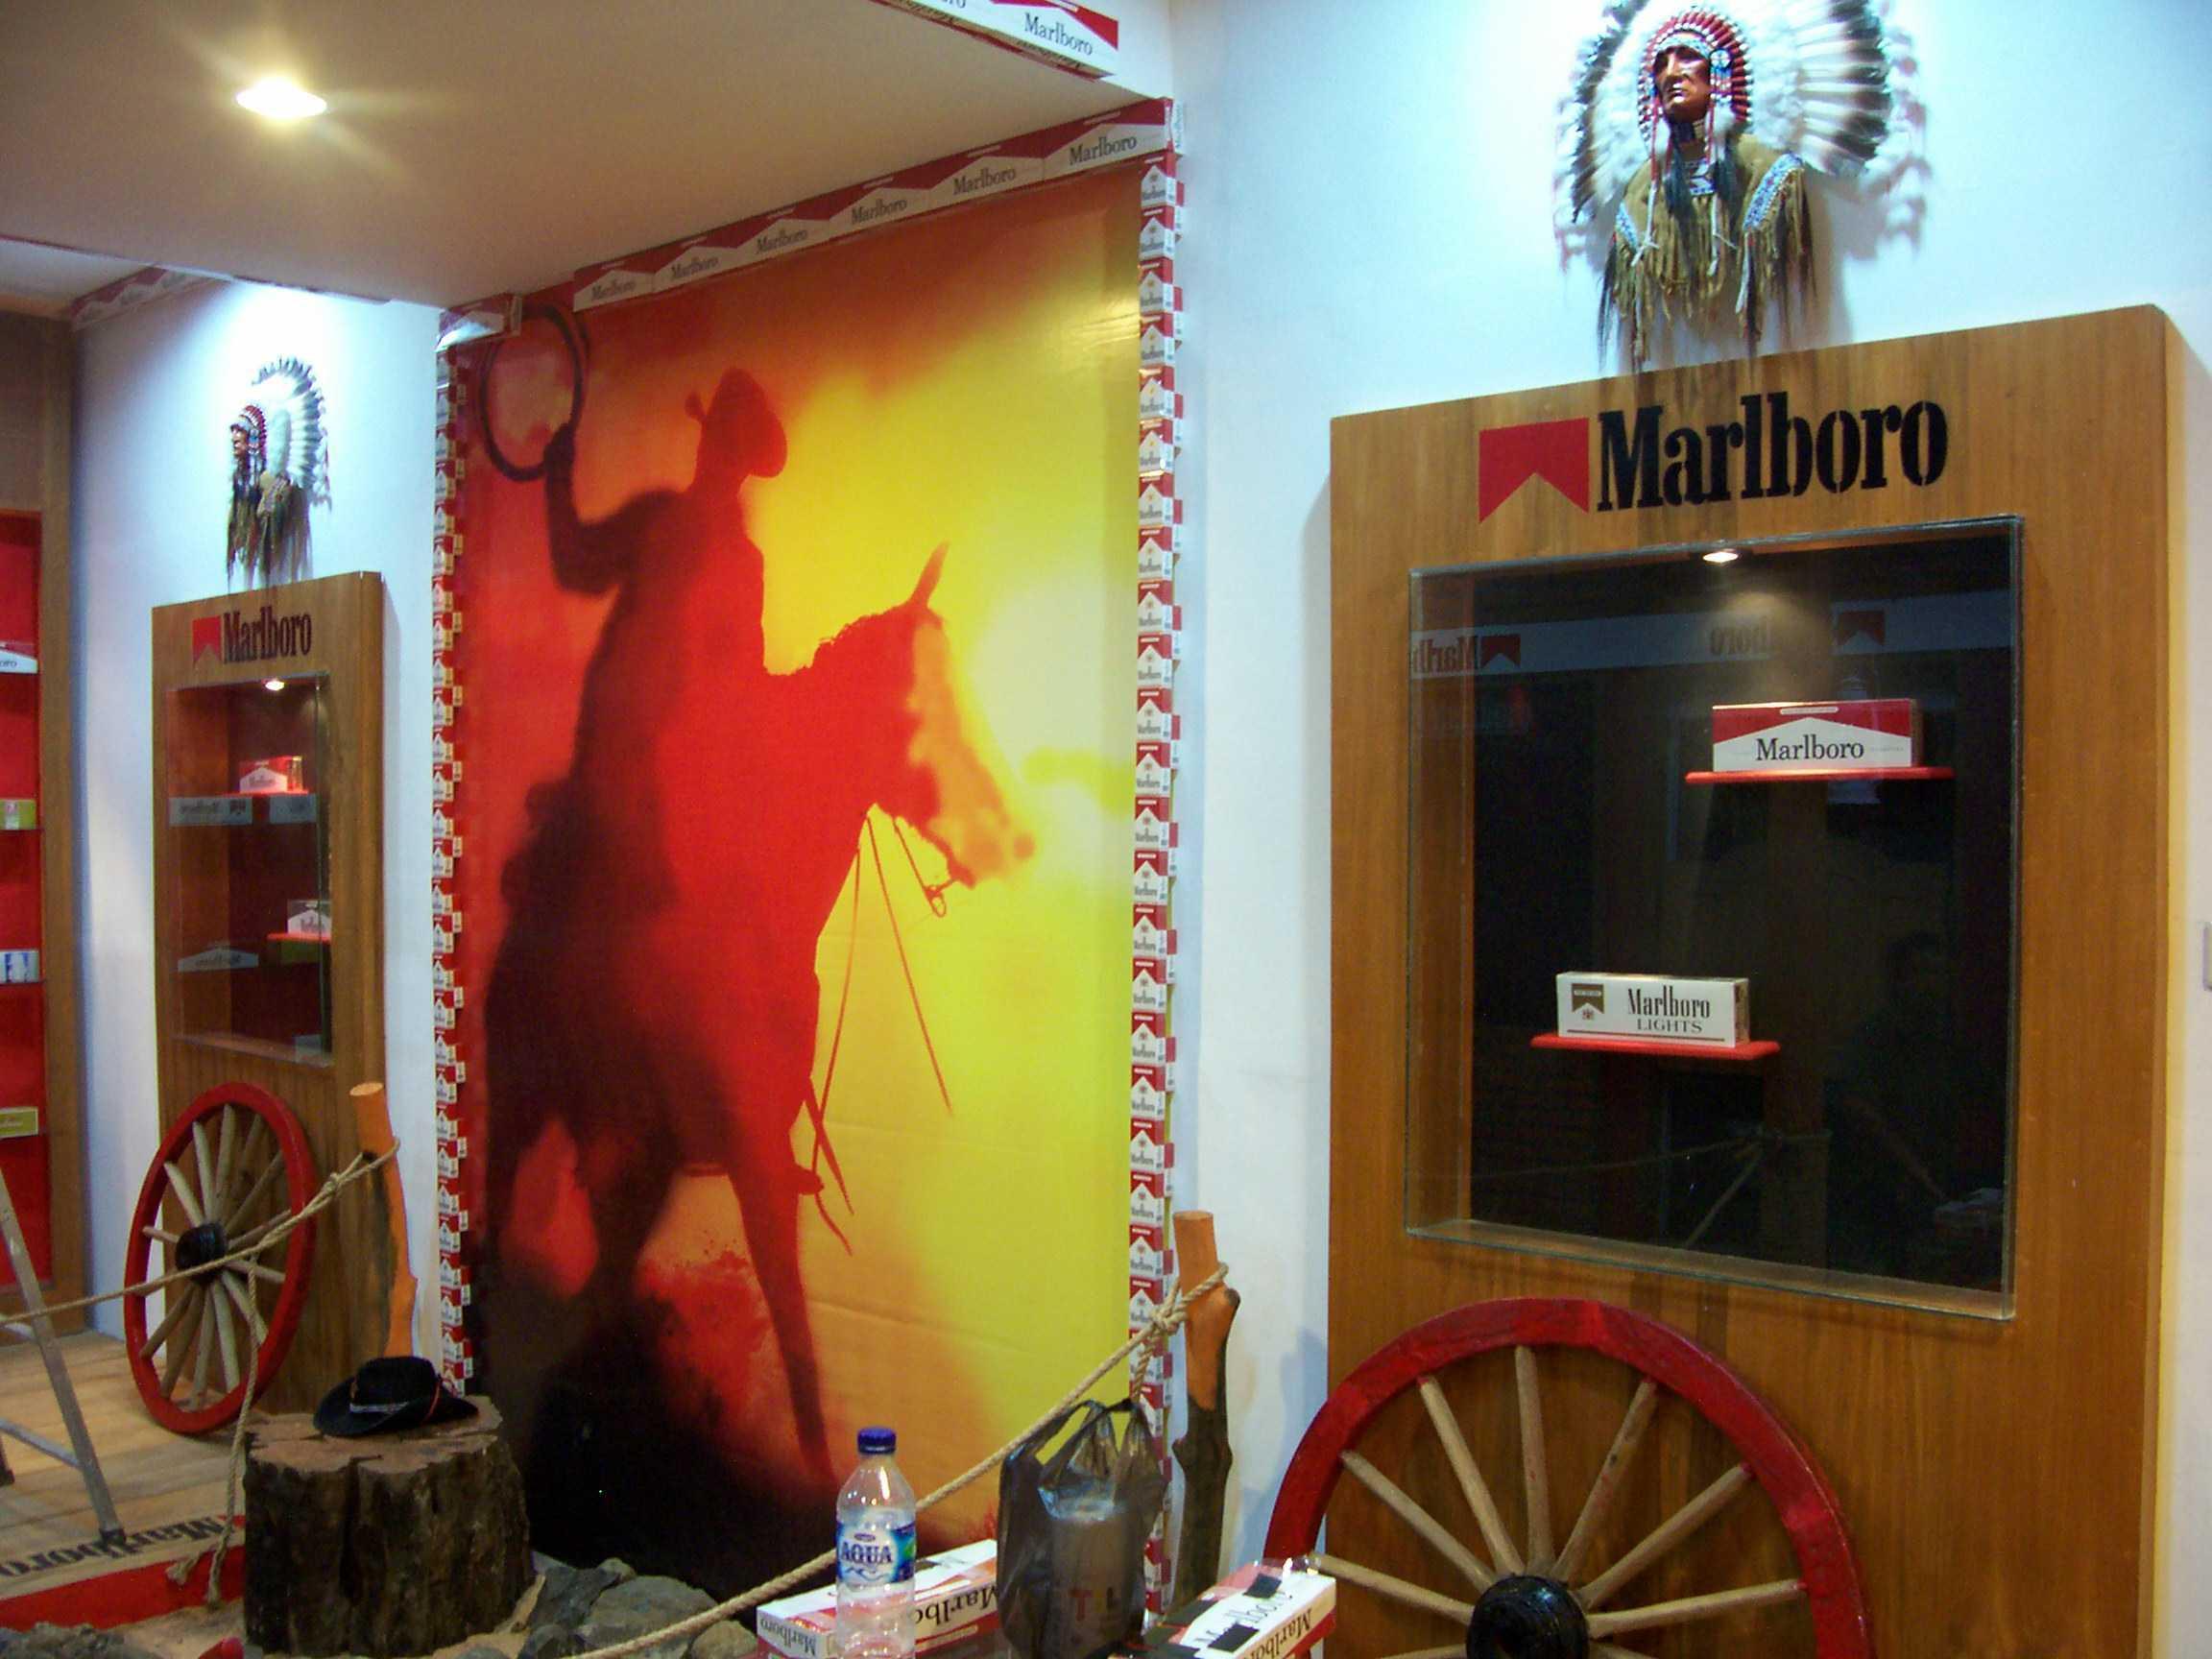 Canvas Mkc Marlboro Outlet-Subang Subang - Jawa Barat Subang - Jawa Barat Interior Industrial  21123